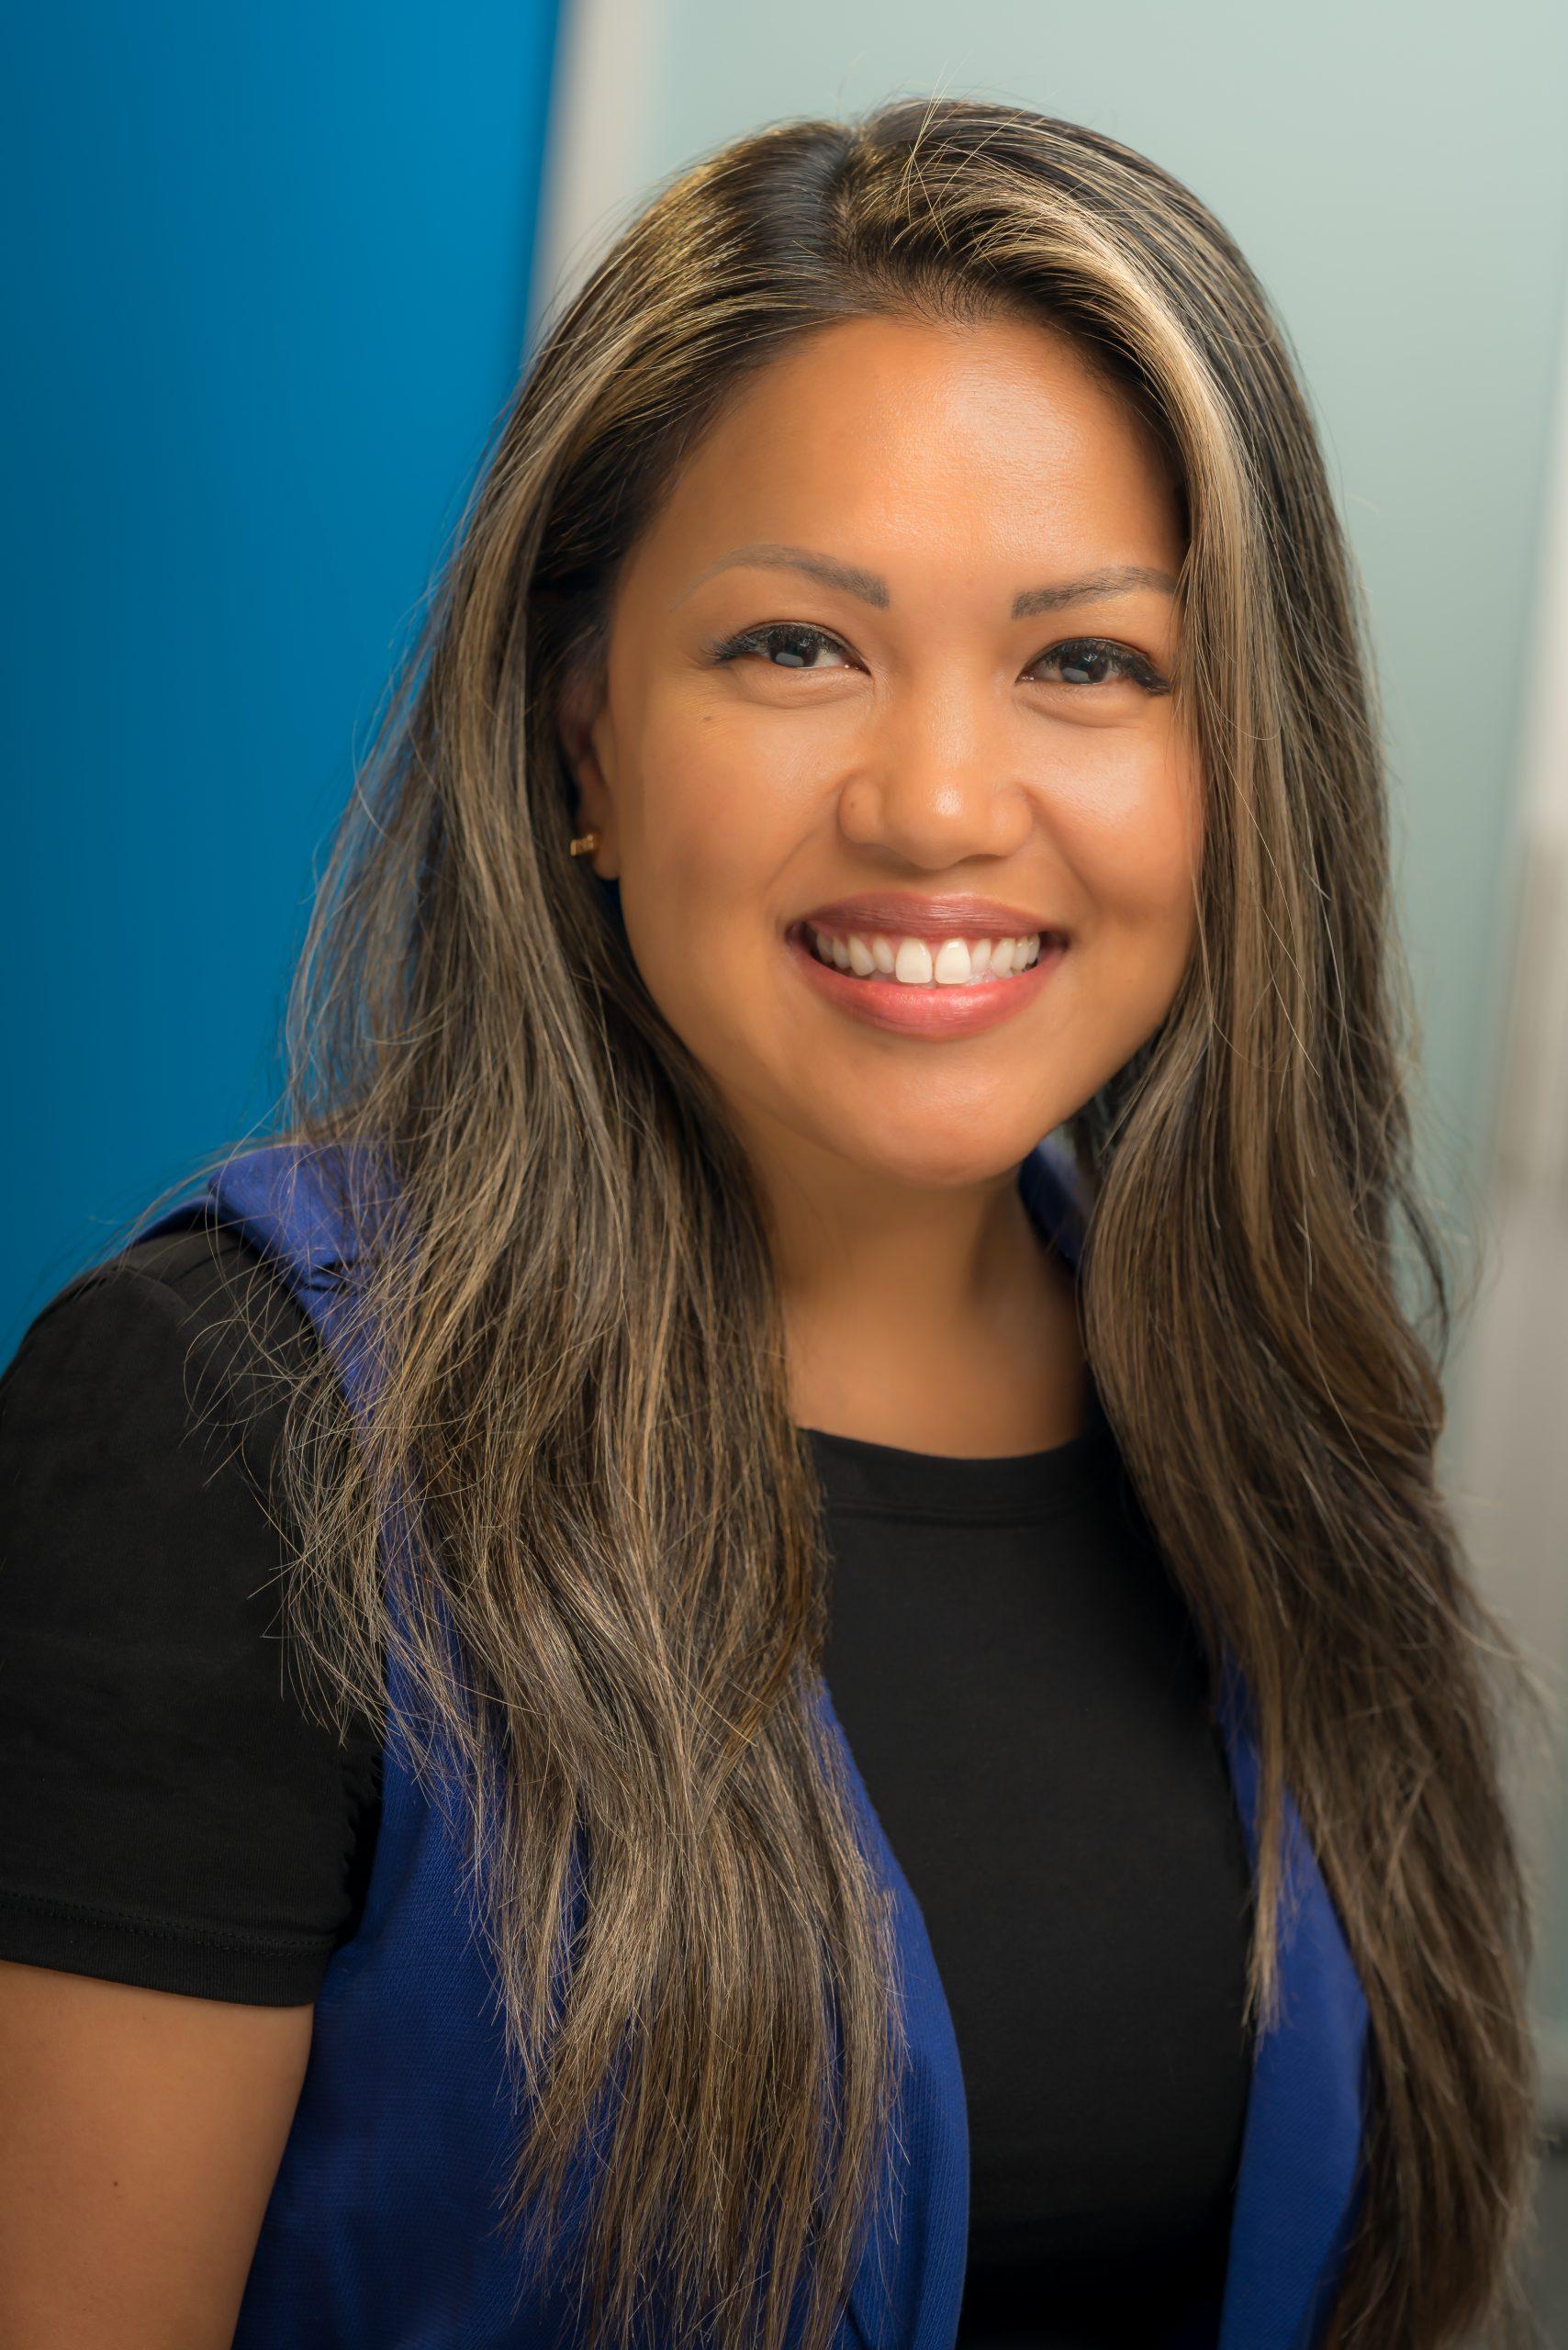 Noelle Khim